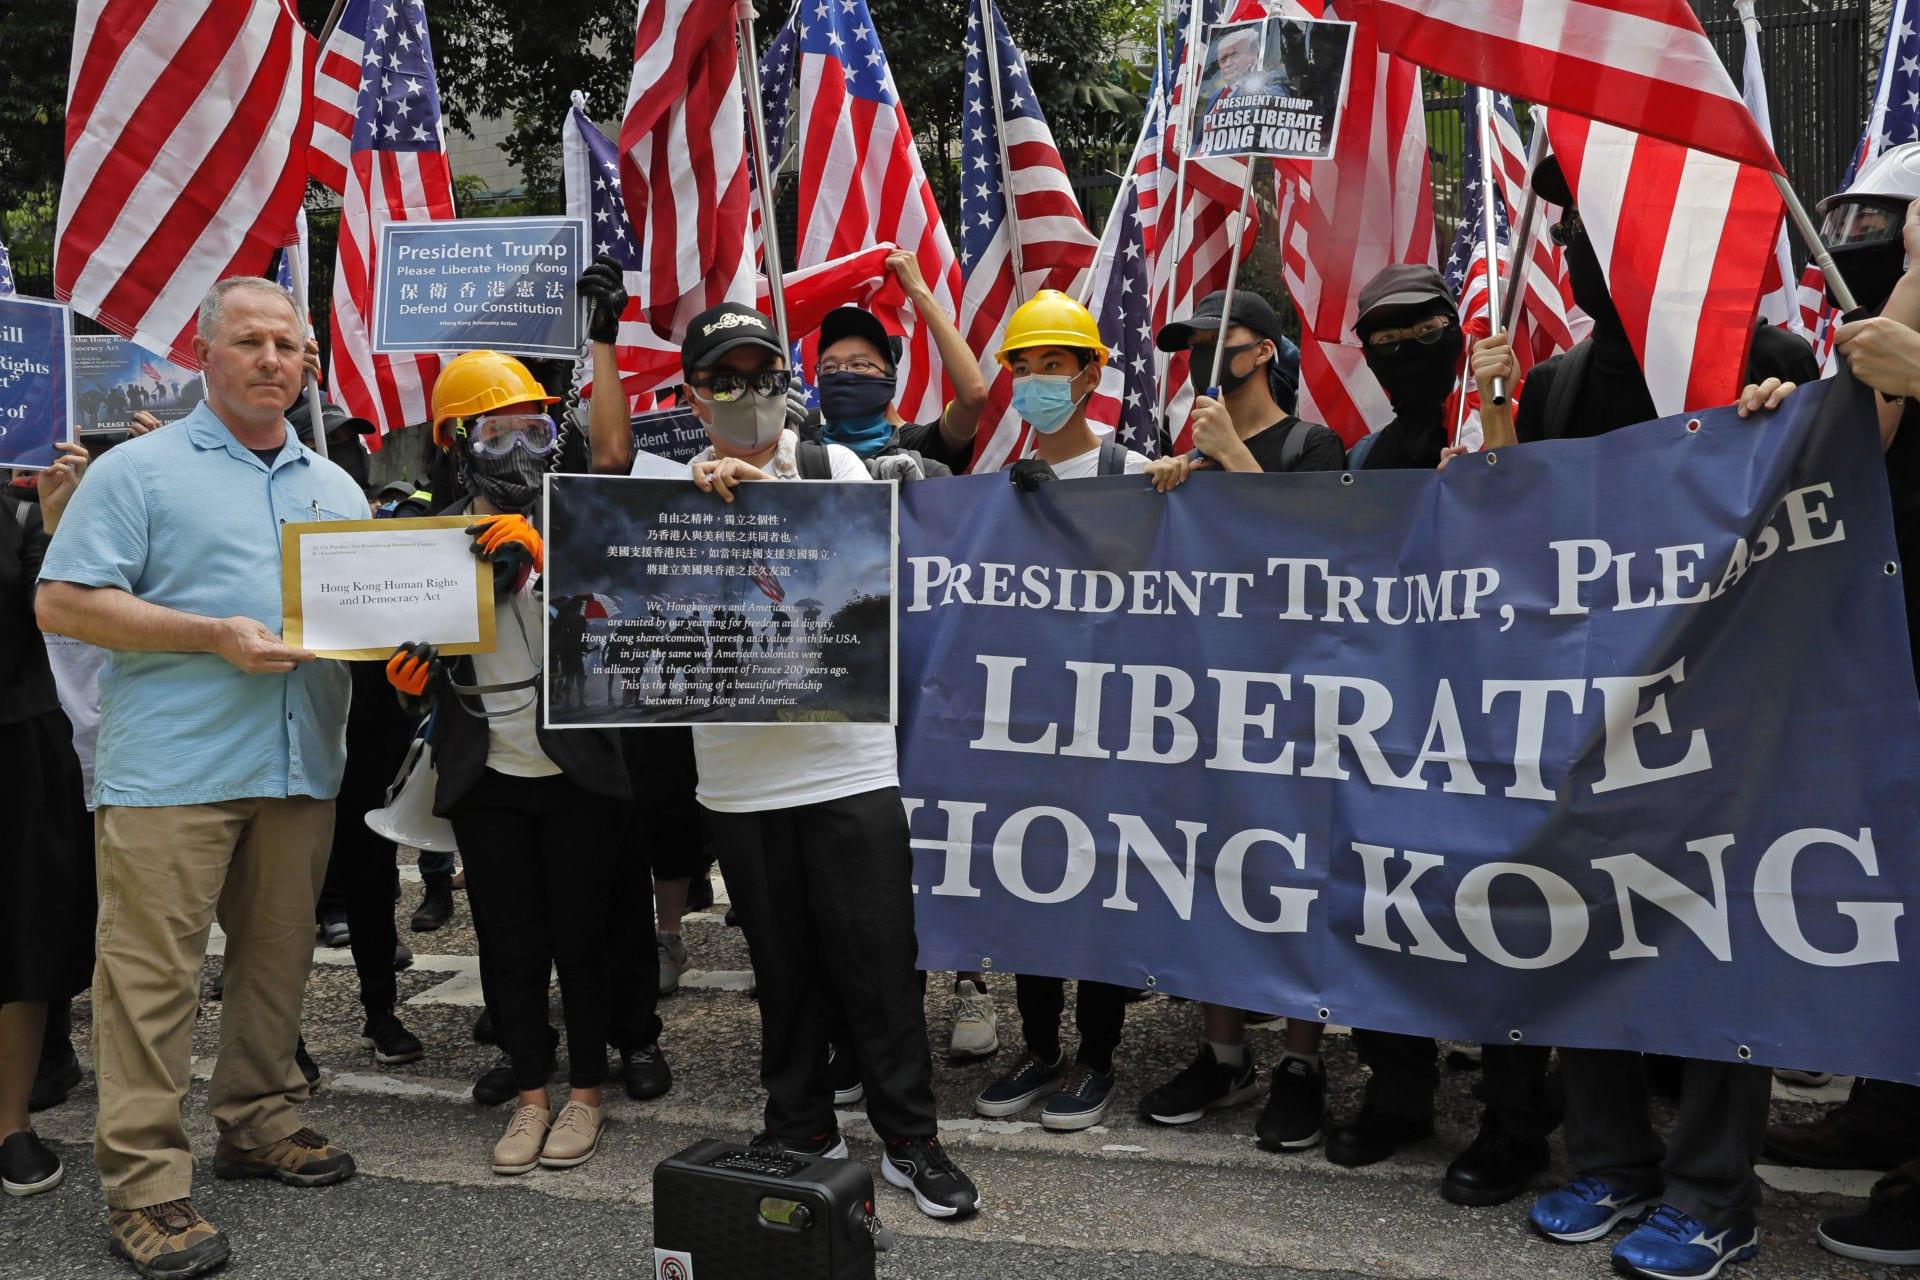 Donald Trump giải phóng Hong Kong?!